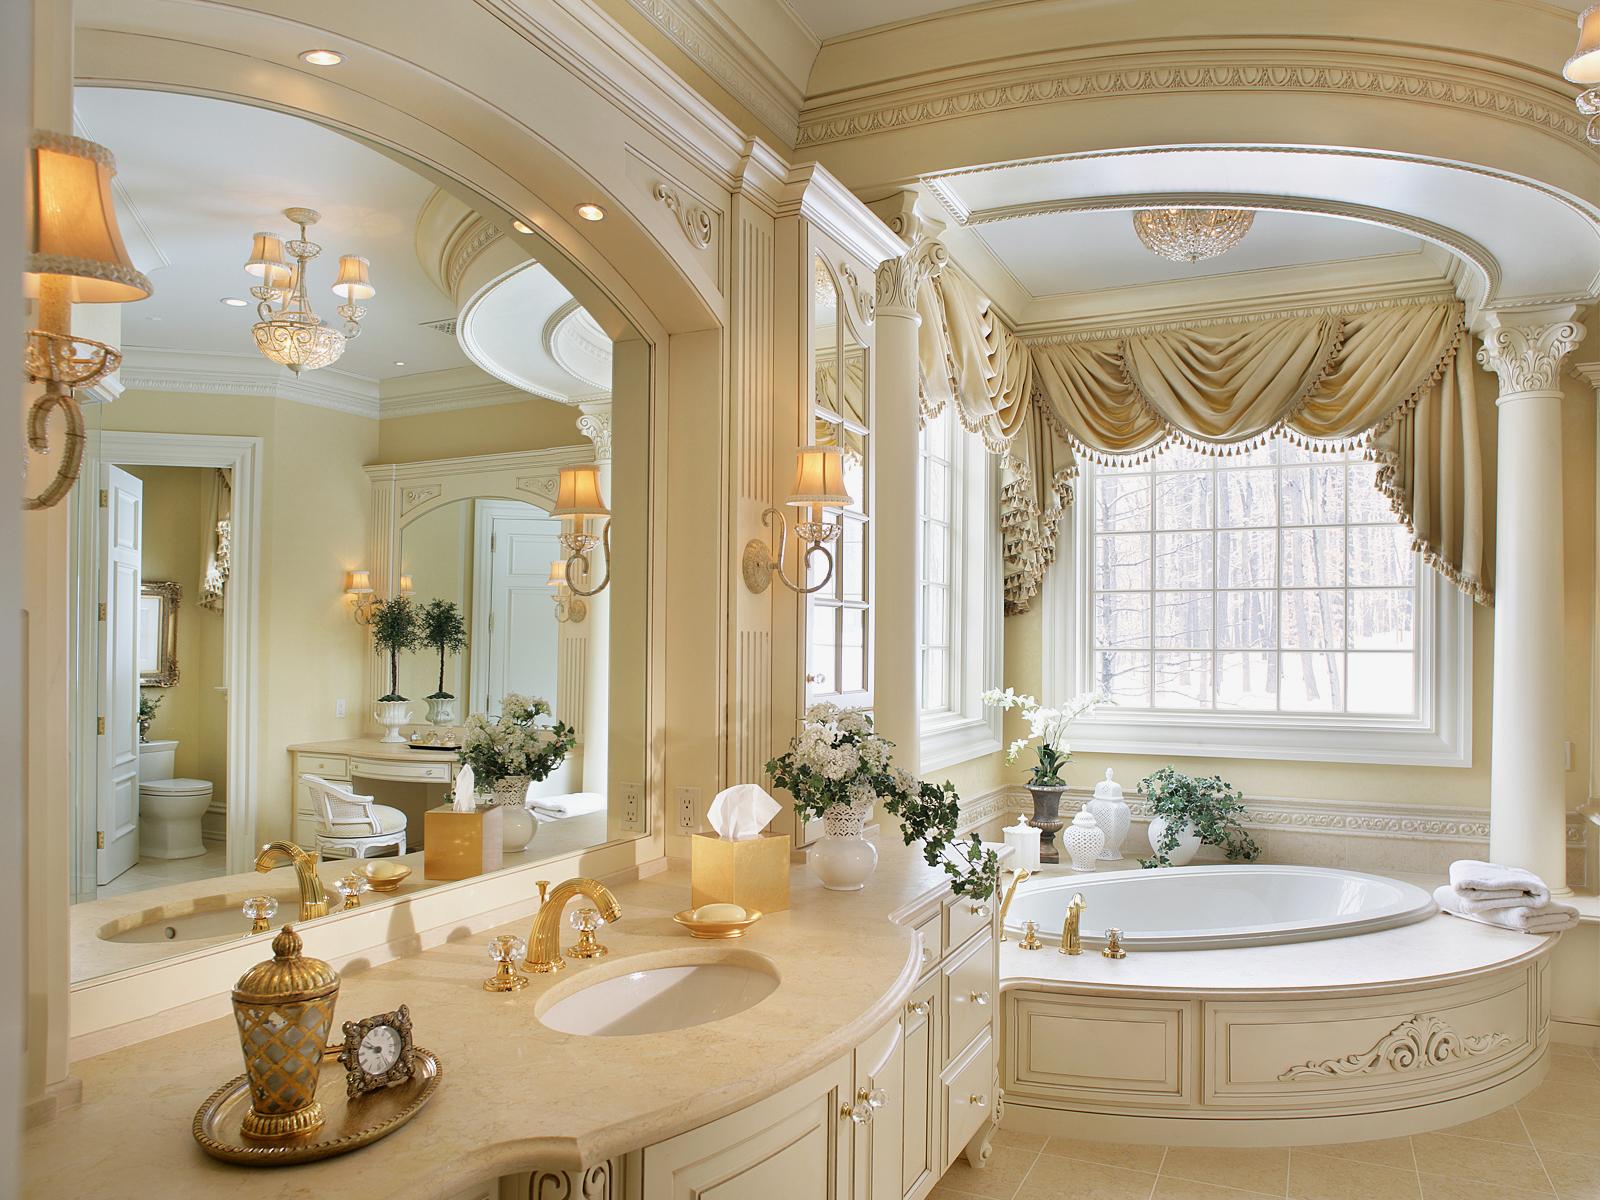 romantik-vintage-banyo-dekorasyonlari-2016-2017 Romantik Banyo Dekorasyon Önerileri